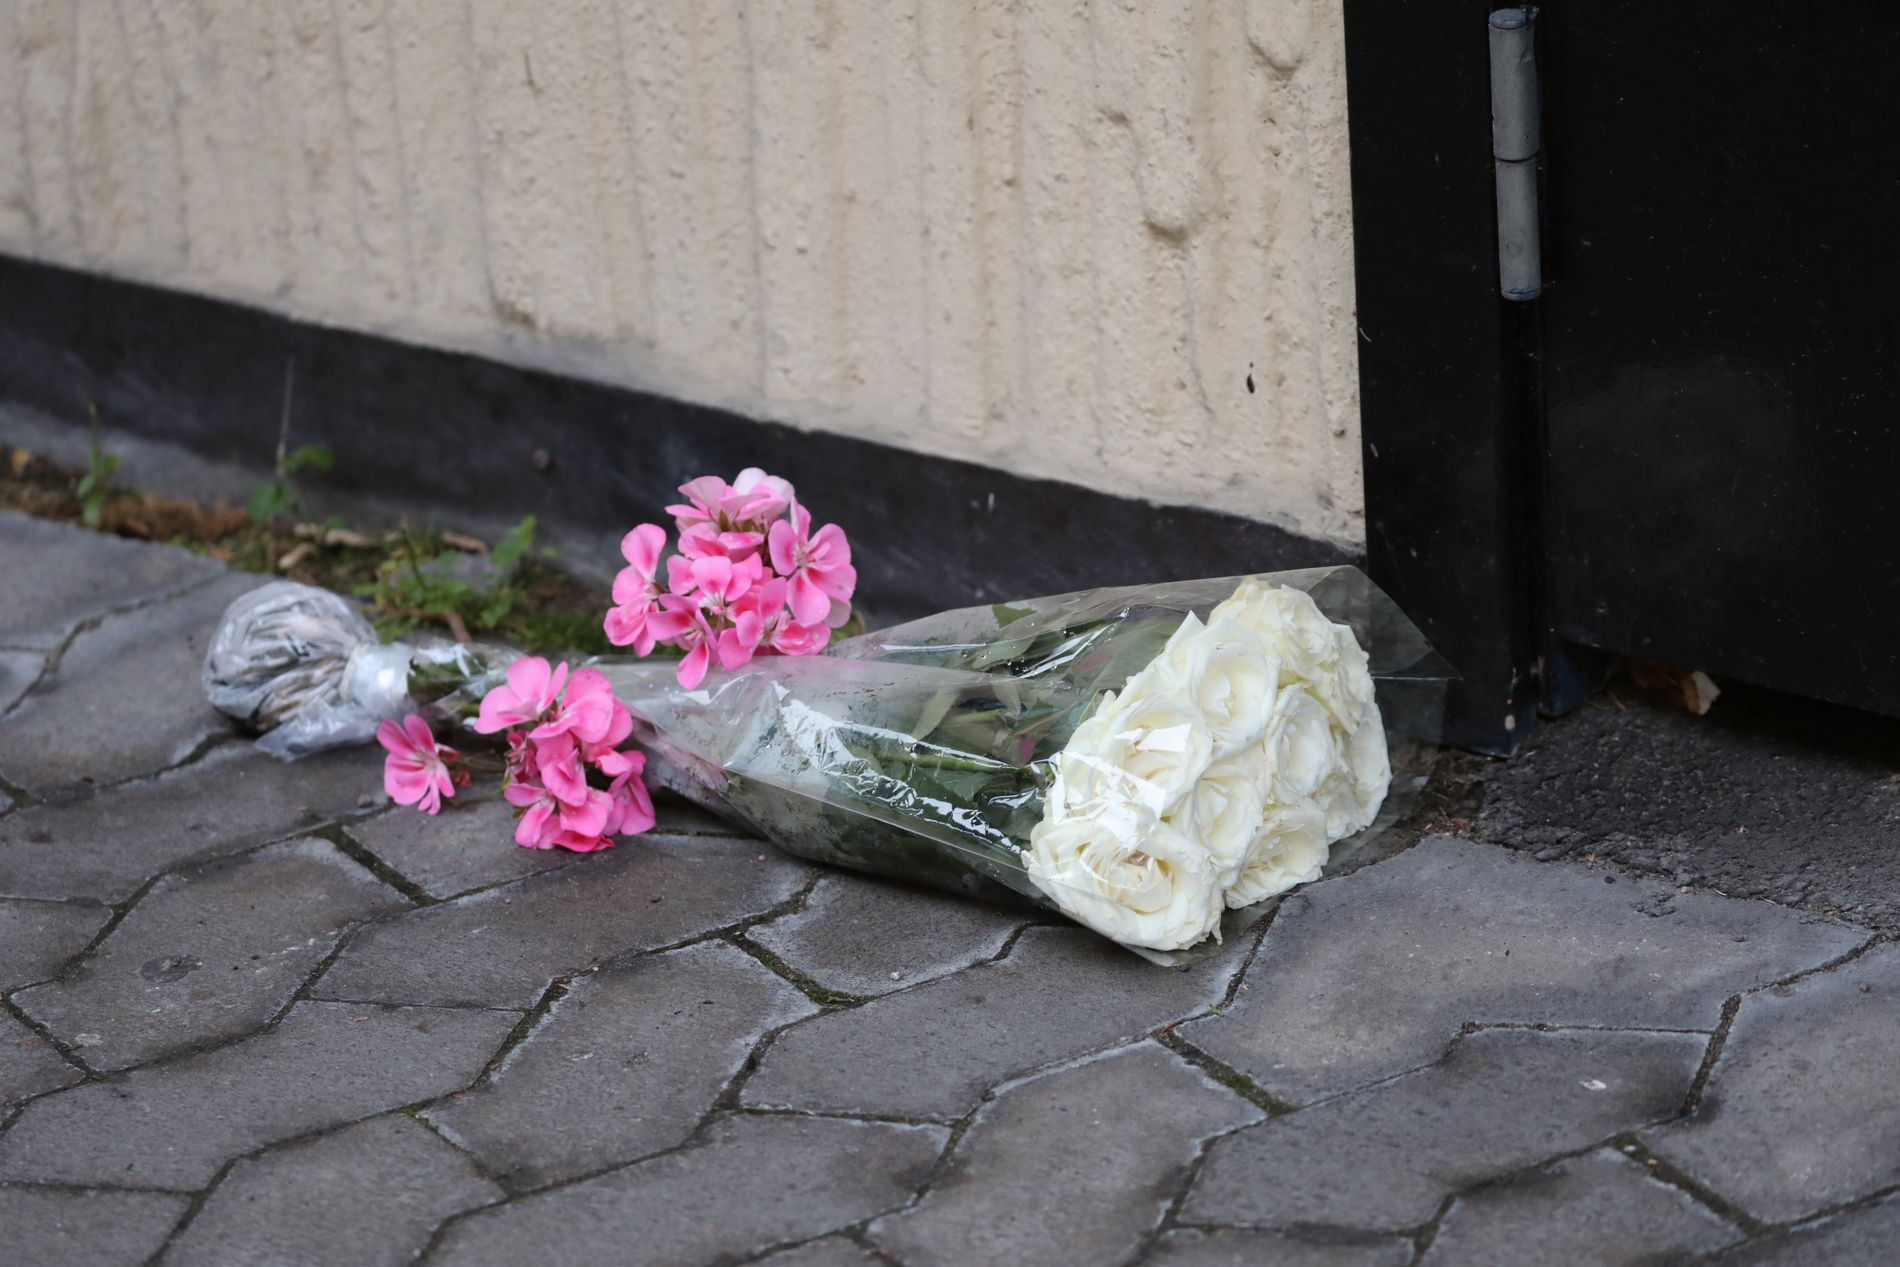 SORG: Det er lagt ned blomster ved boligblokken i Oslo. Både kamerater som bor i Oslo og lokalsamfunnet i Østfold er i sorg.